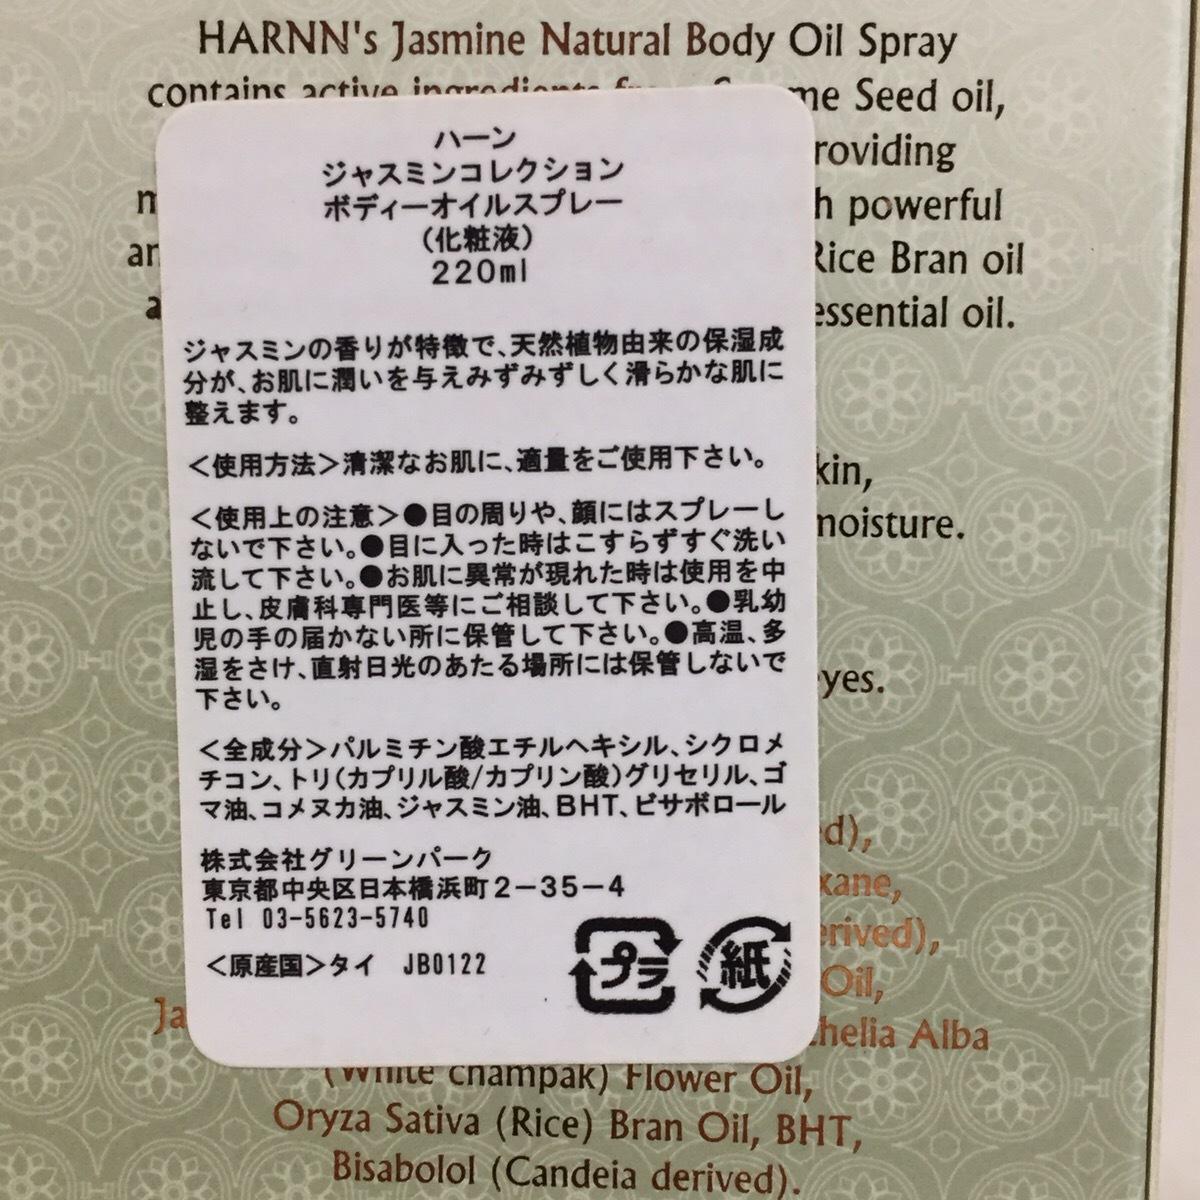 HARNN ハーン 化粧品 訳あり 18点セット 化粧水 ボディーオイルスプレー モイスチャライザーハンドクリーム コンディショナー デイクリーム_画像3